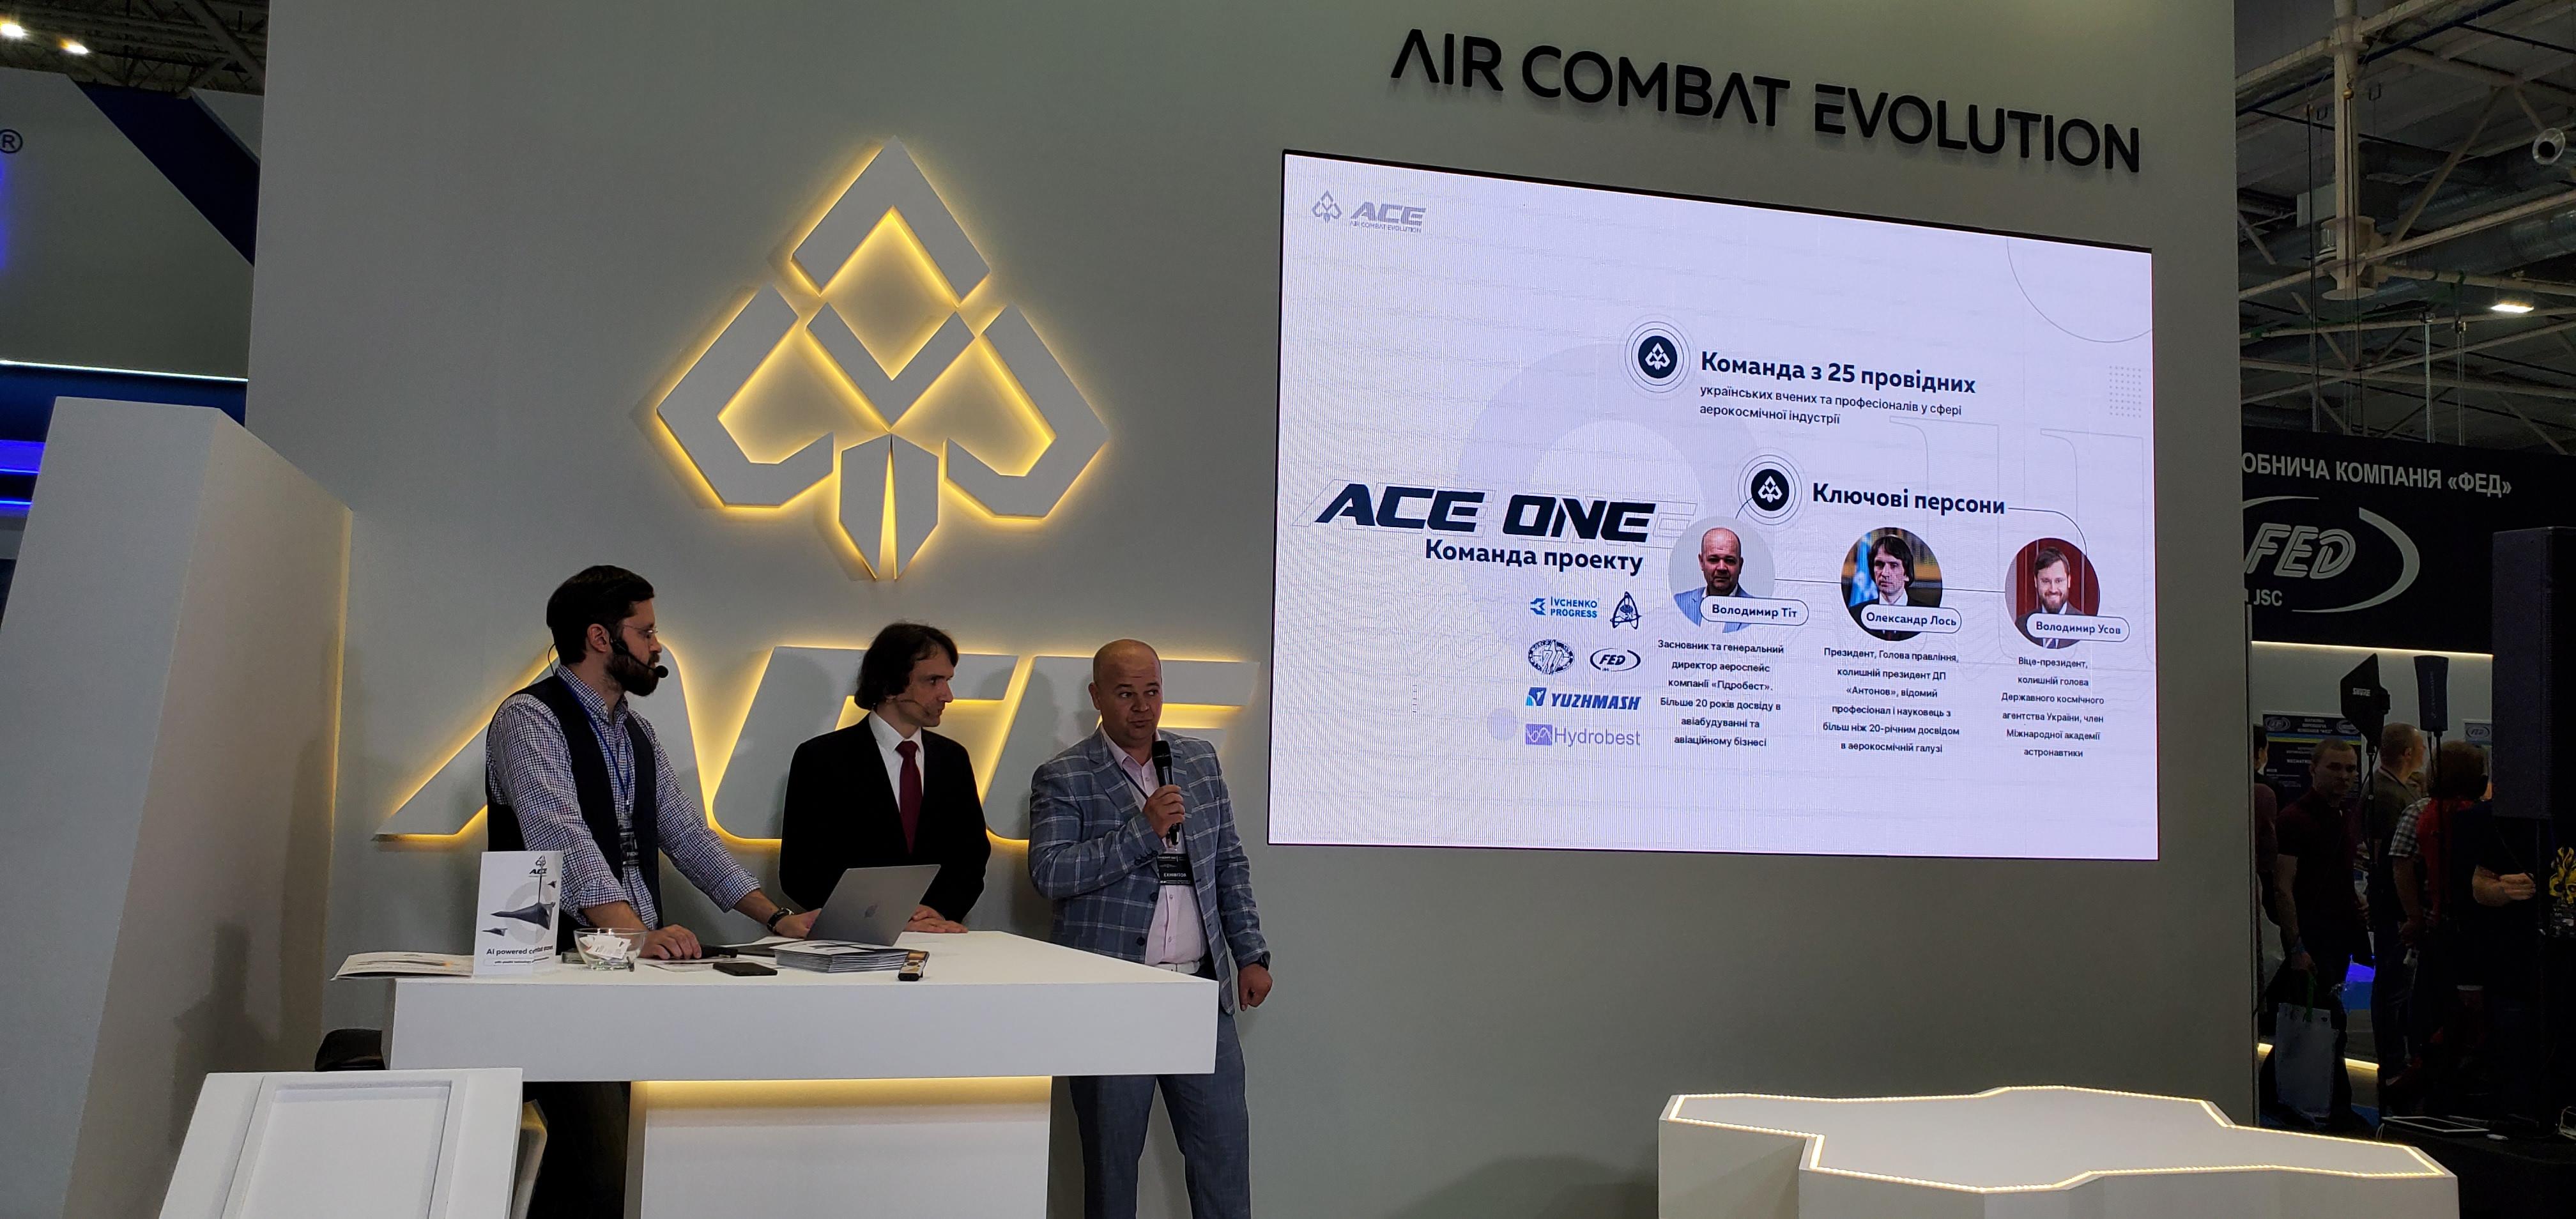 Каким будет новый украинский боевой дрон от экс-глав Антонова и Госкосмоса. Фото и детали